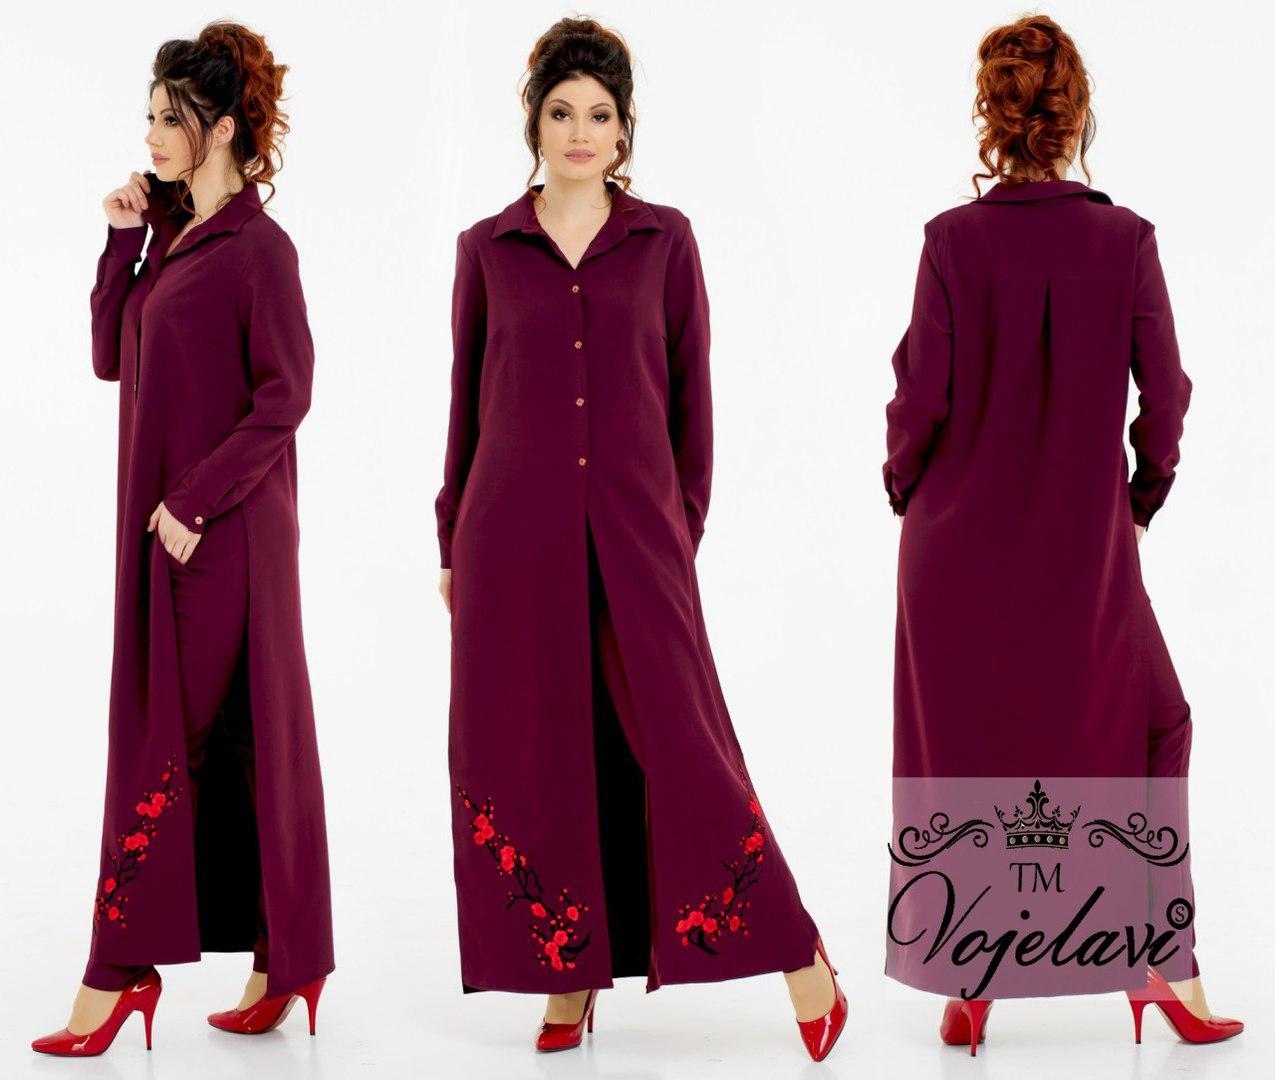 Костюм больших размеров  Кардиган на пуговицах и брюки. бордового цвета  92/8362